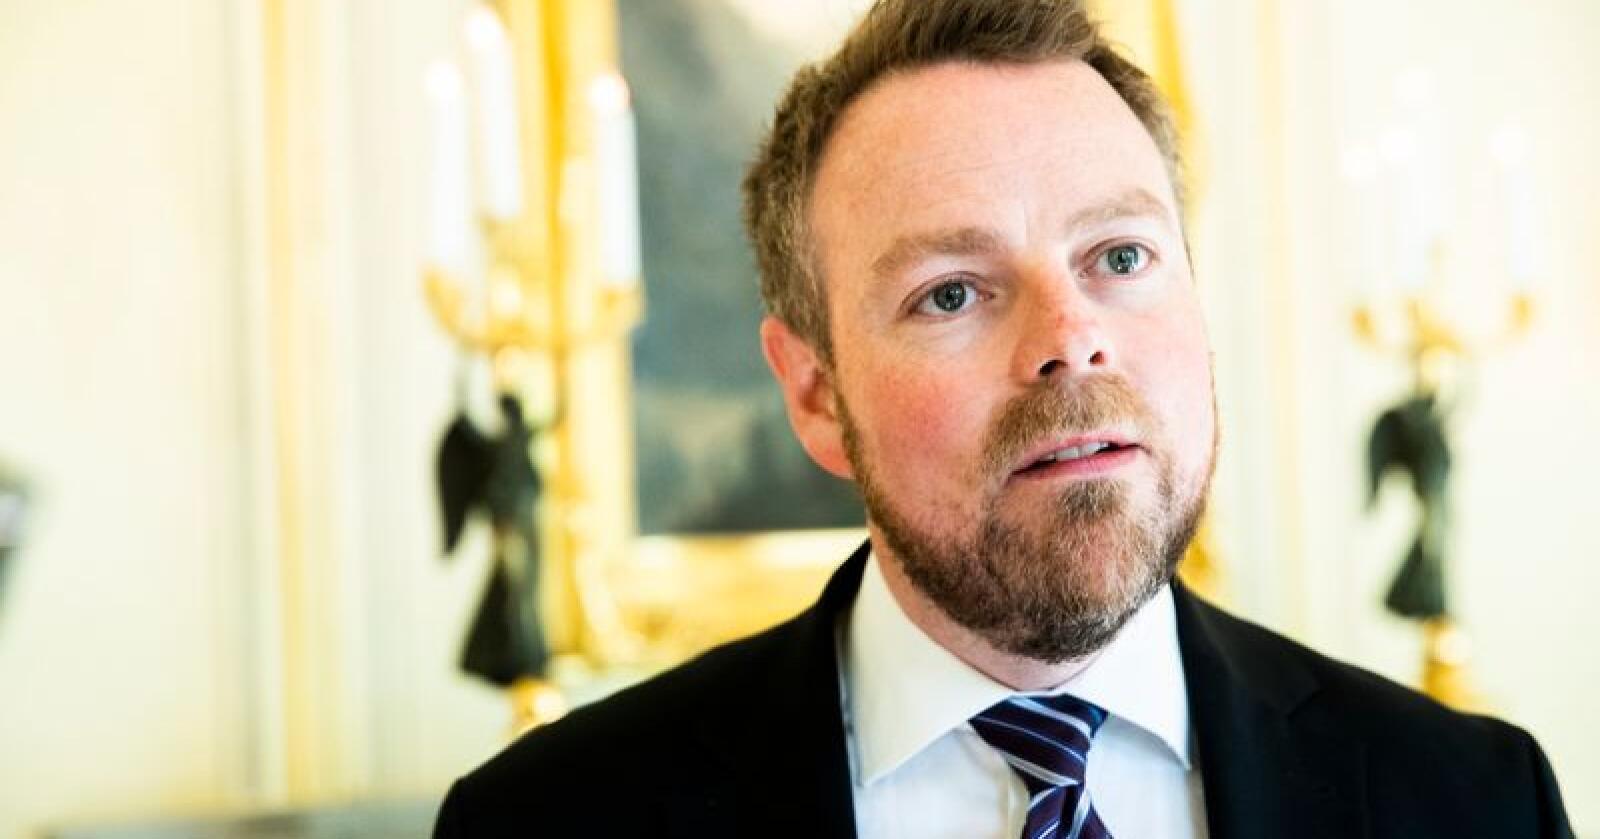 Næringsminister Torbjørn Røe Isaksen sier det nye dagligvaretilsynet er et bidrag for bedre konfliktløsning og kultur i bransjen. Foto: Berit Roald / NTB scanpix